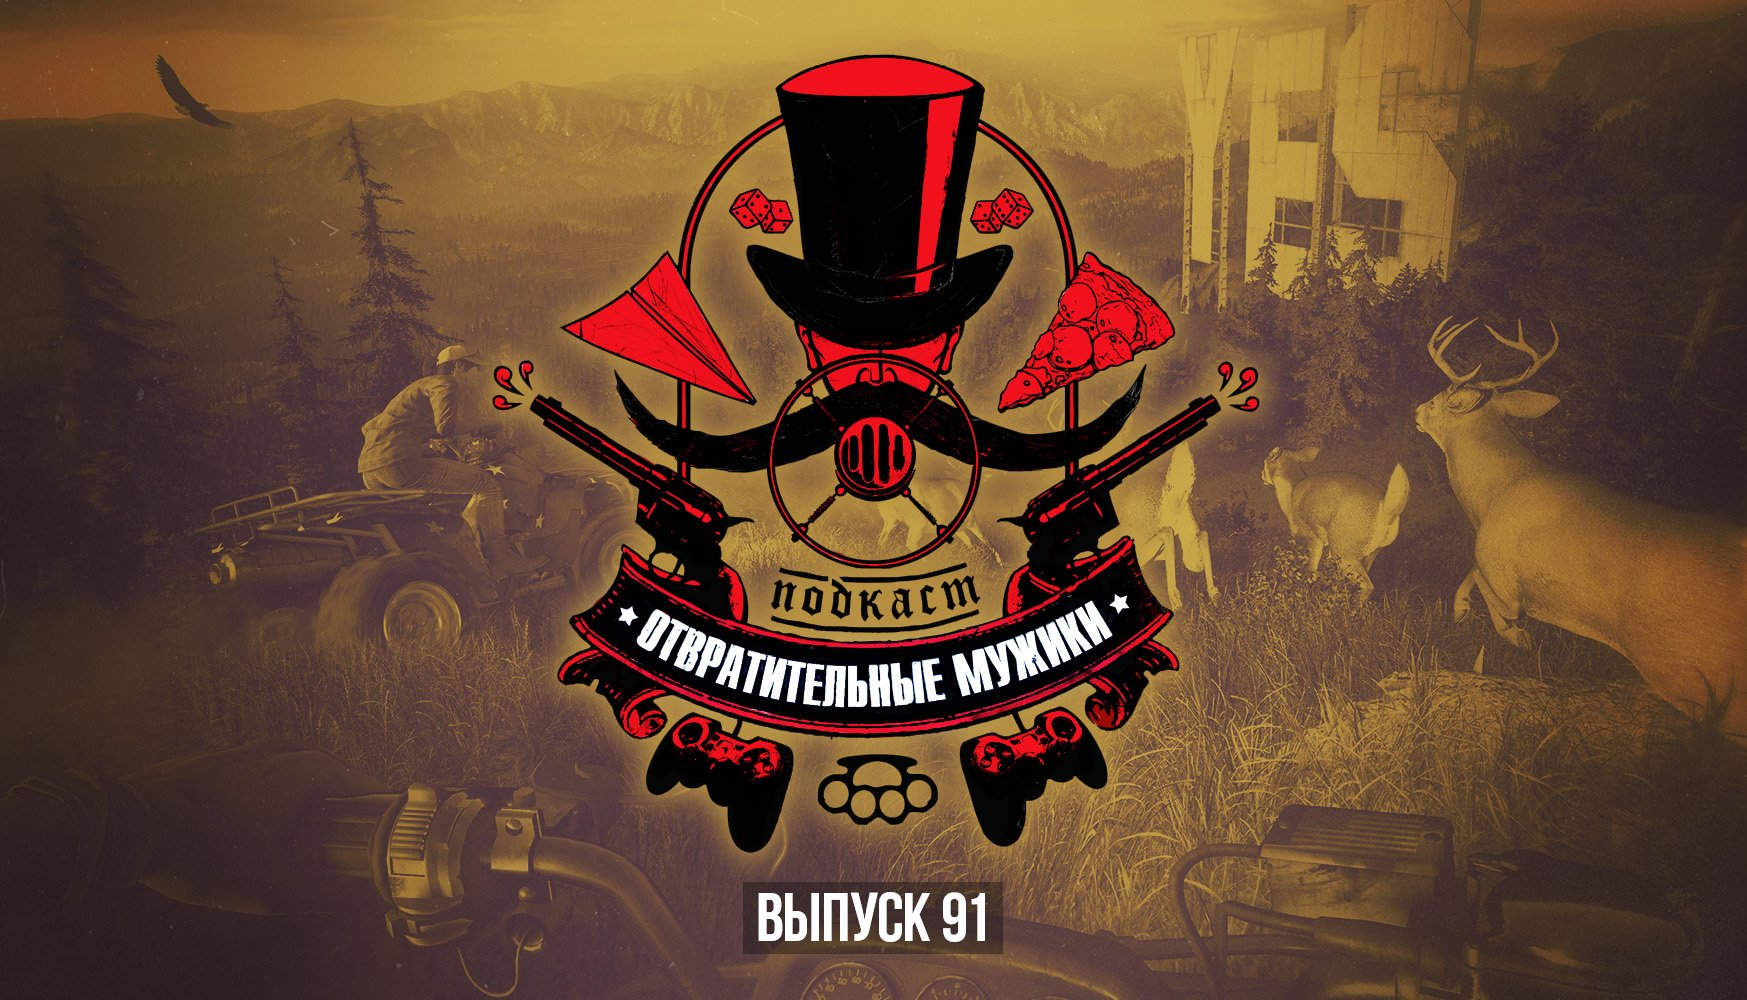 Подкаст Отвратительные мужики Выпуск 91 Первому игроку приготовиться Far Cry 5